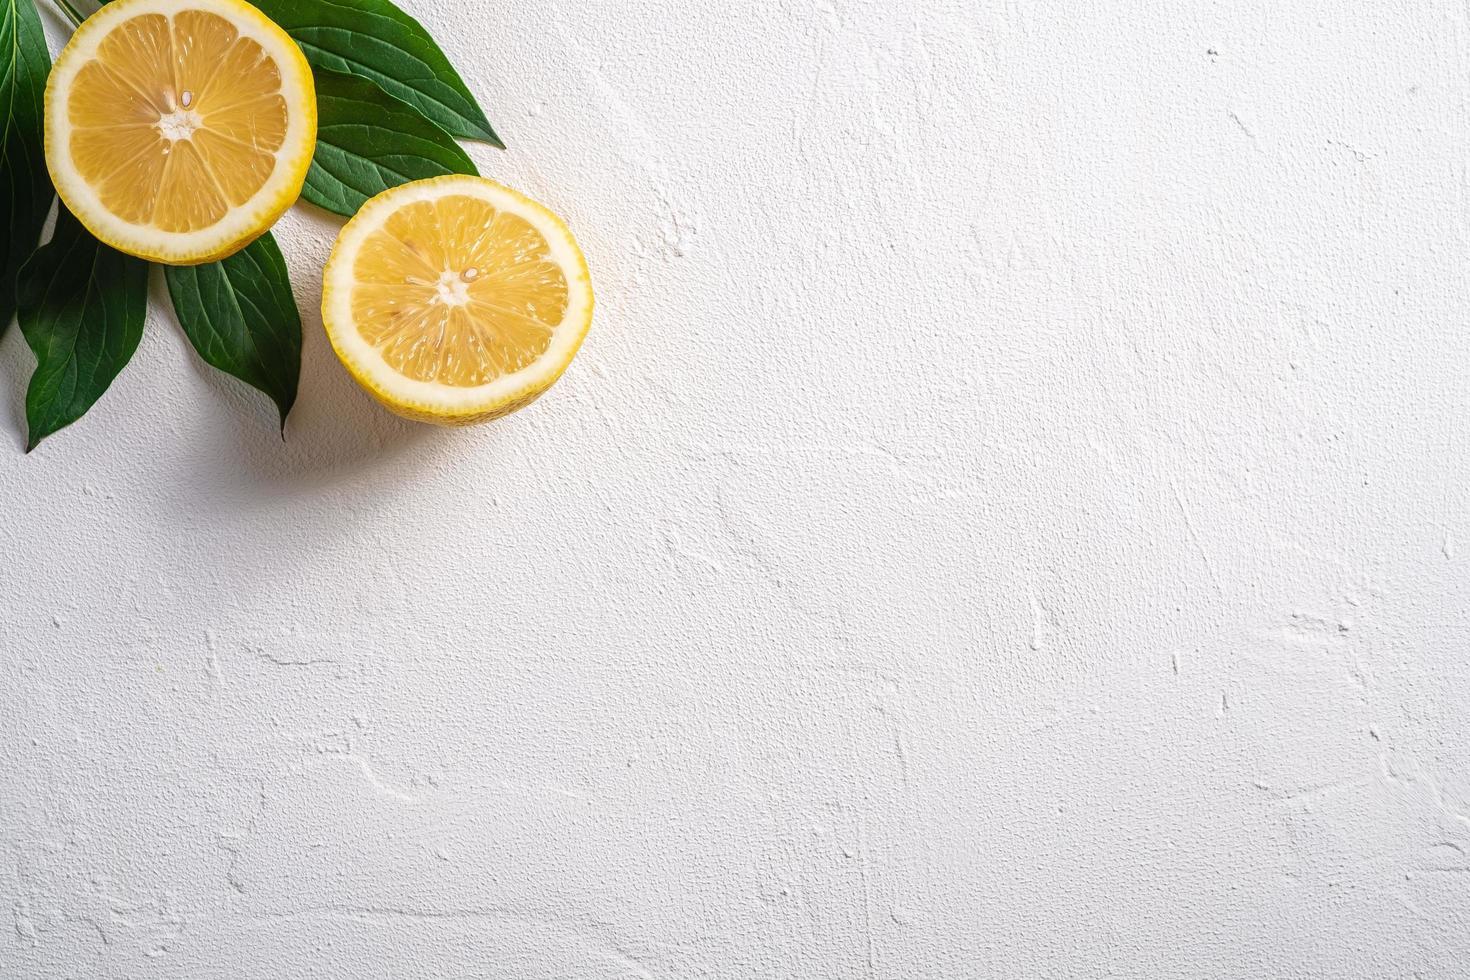 zwei Zitronenscheiben mit grünen Blättern auf weißem Betonhintergrund foto